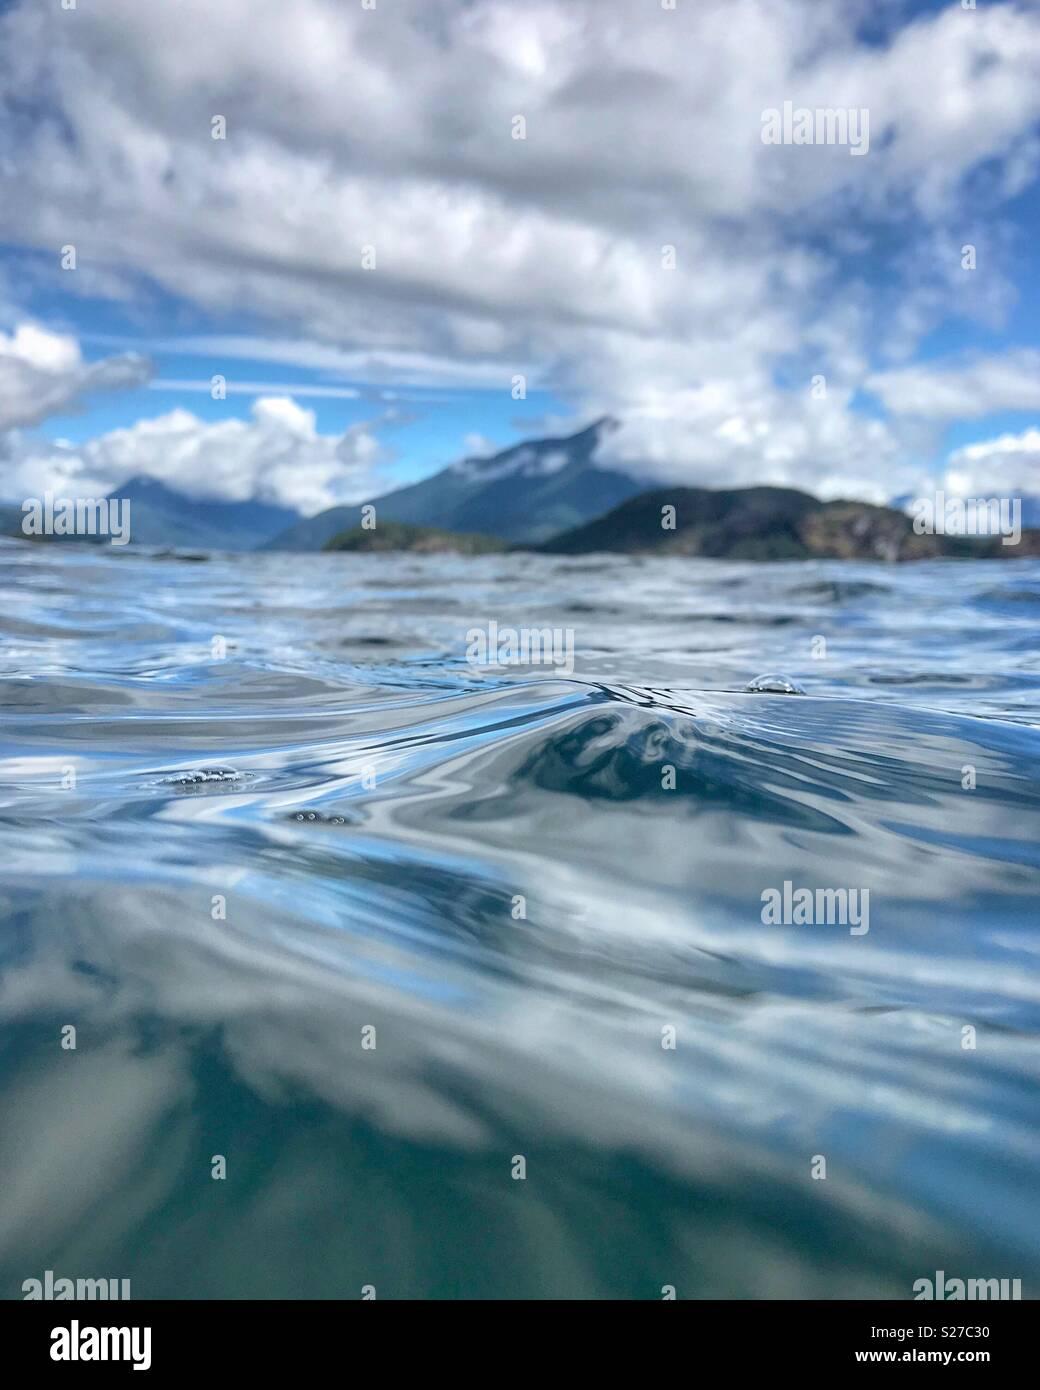 Una vista della desolazione audio dal livello di acqua con una sensazione di movimento e una vista delle montagne e del cielo in background. Immagini Stock